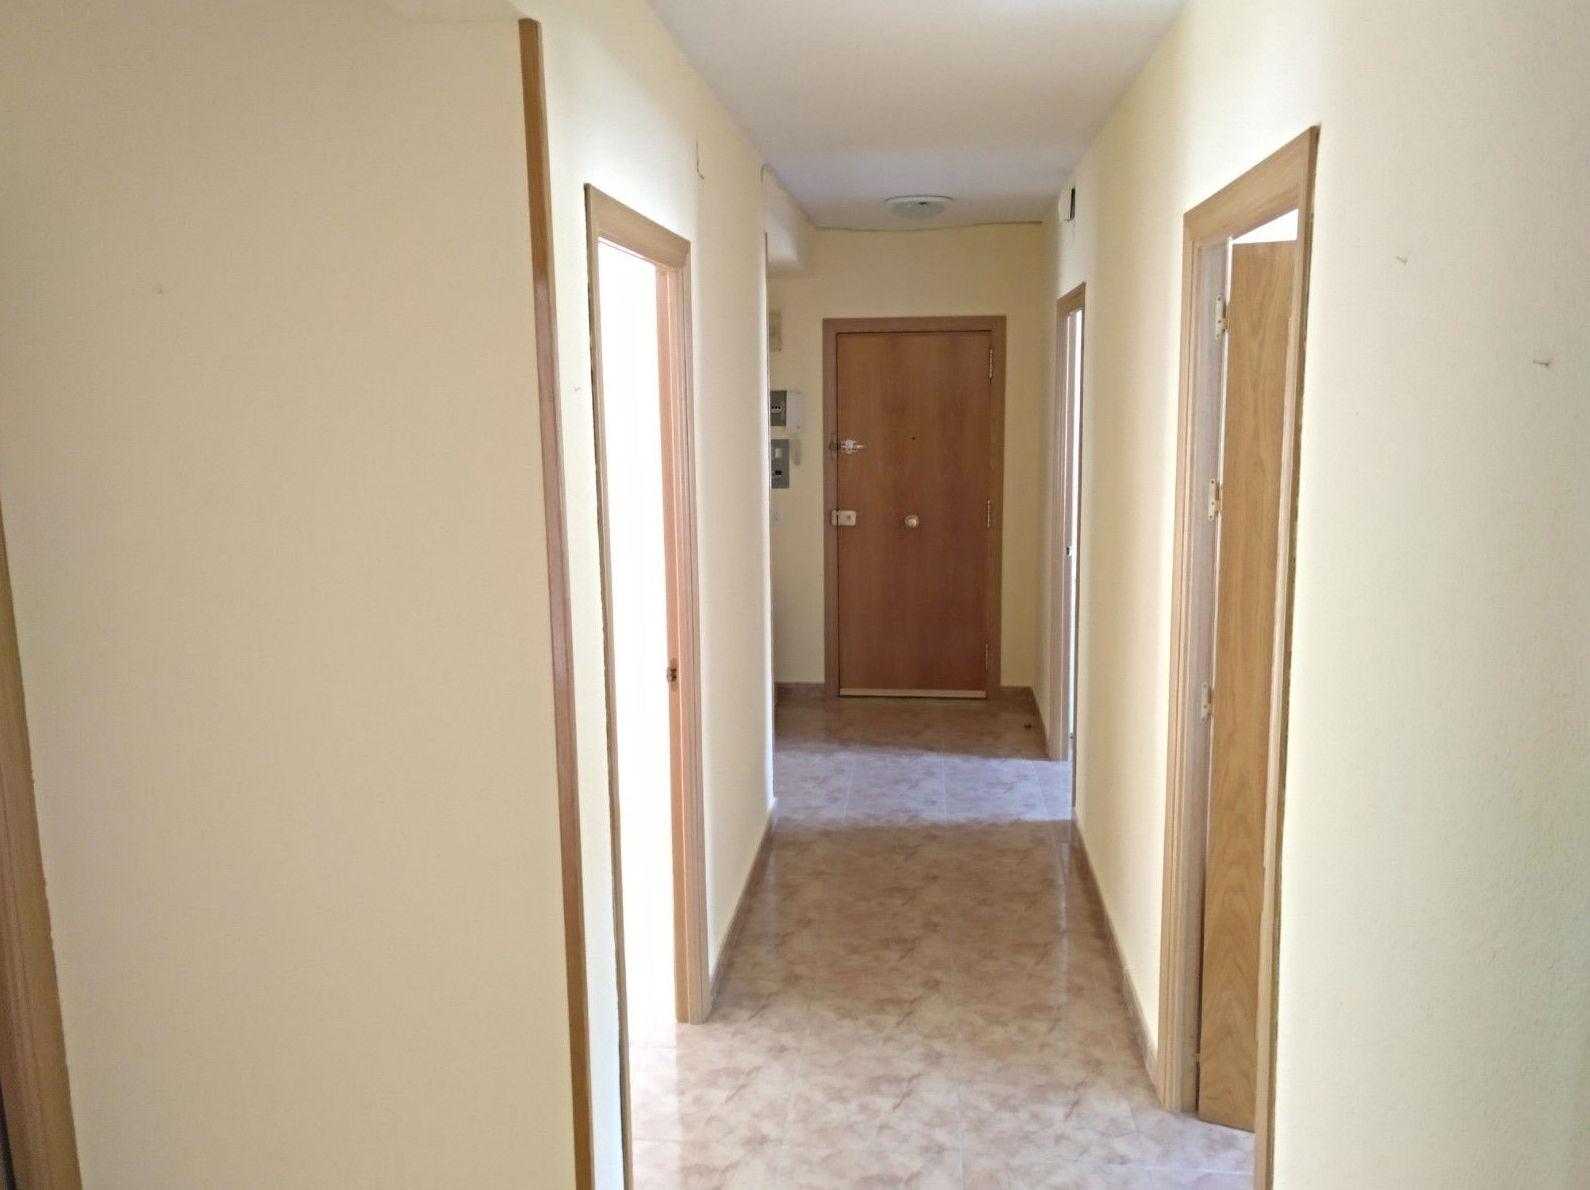 Venta de piso en Yuncler: Inmuebles de Inmobiliaria La Montañesa